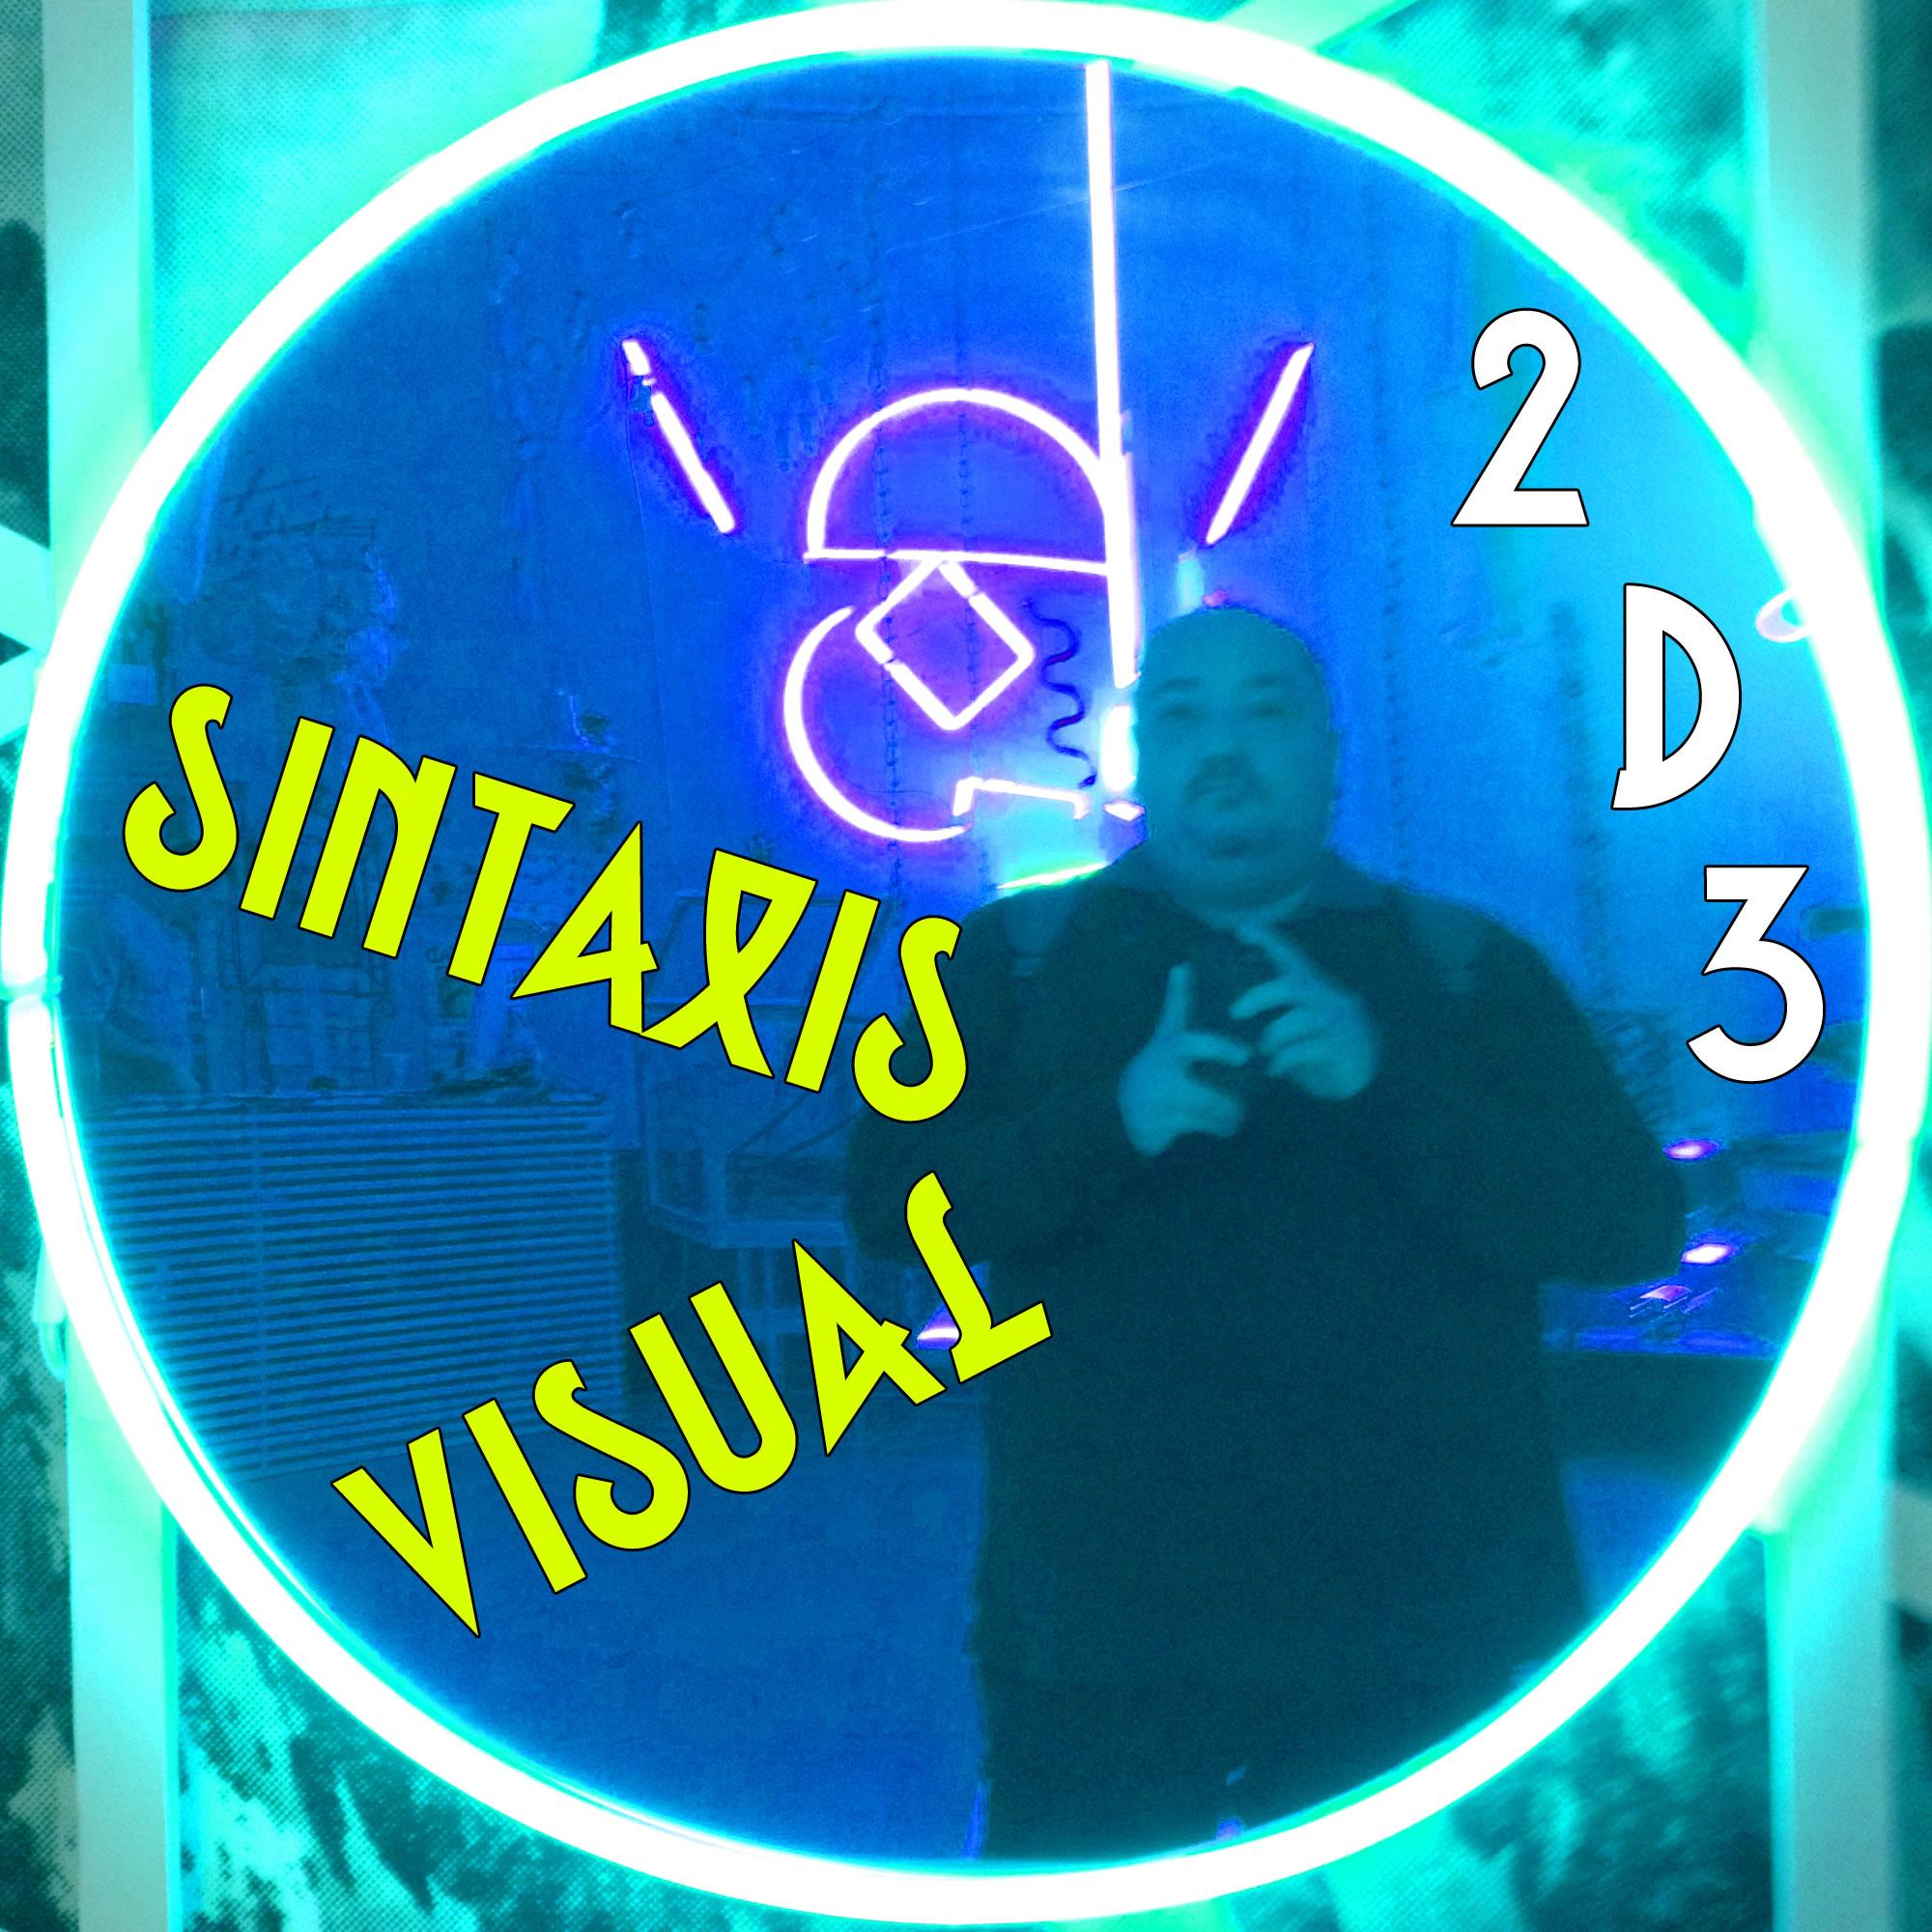 Lenguaje y sintaxis visual. Fundamentos de la Comunicación Visual. Parte 2 de 3